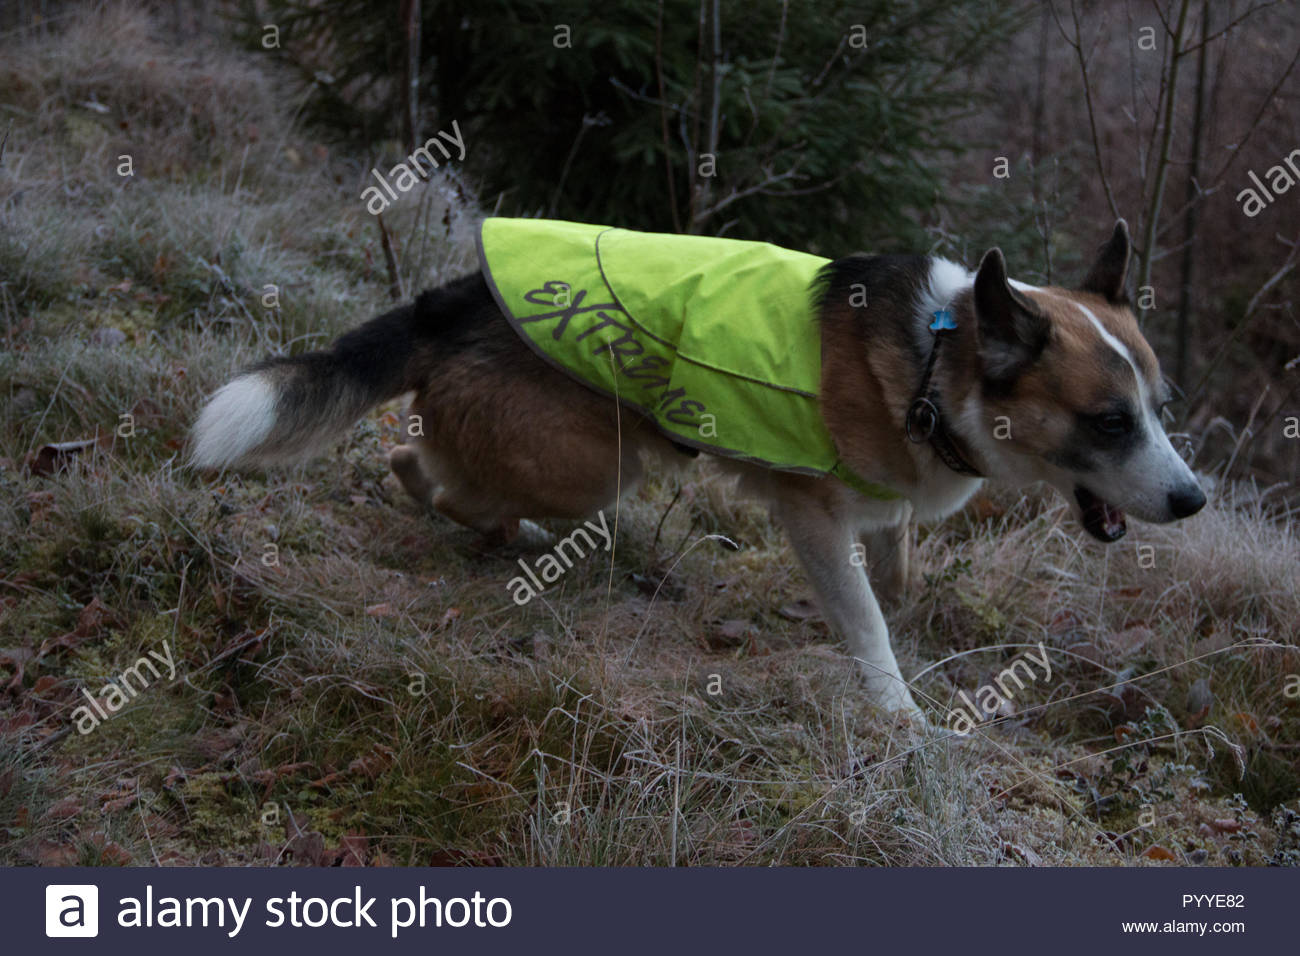 Hund mit Warnweste für bessere Sichtbarkeit während der Jagd und der Finsternis Stockbild